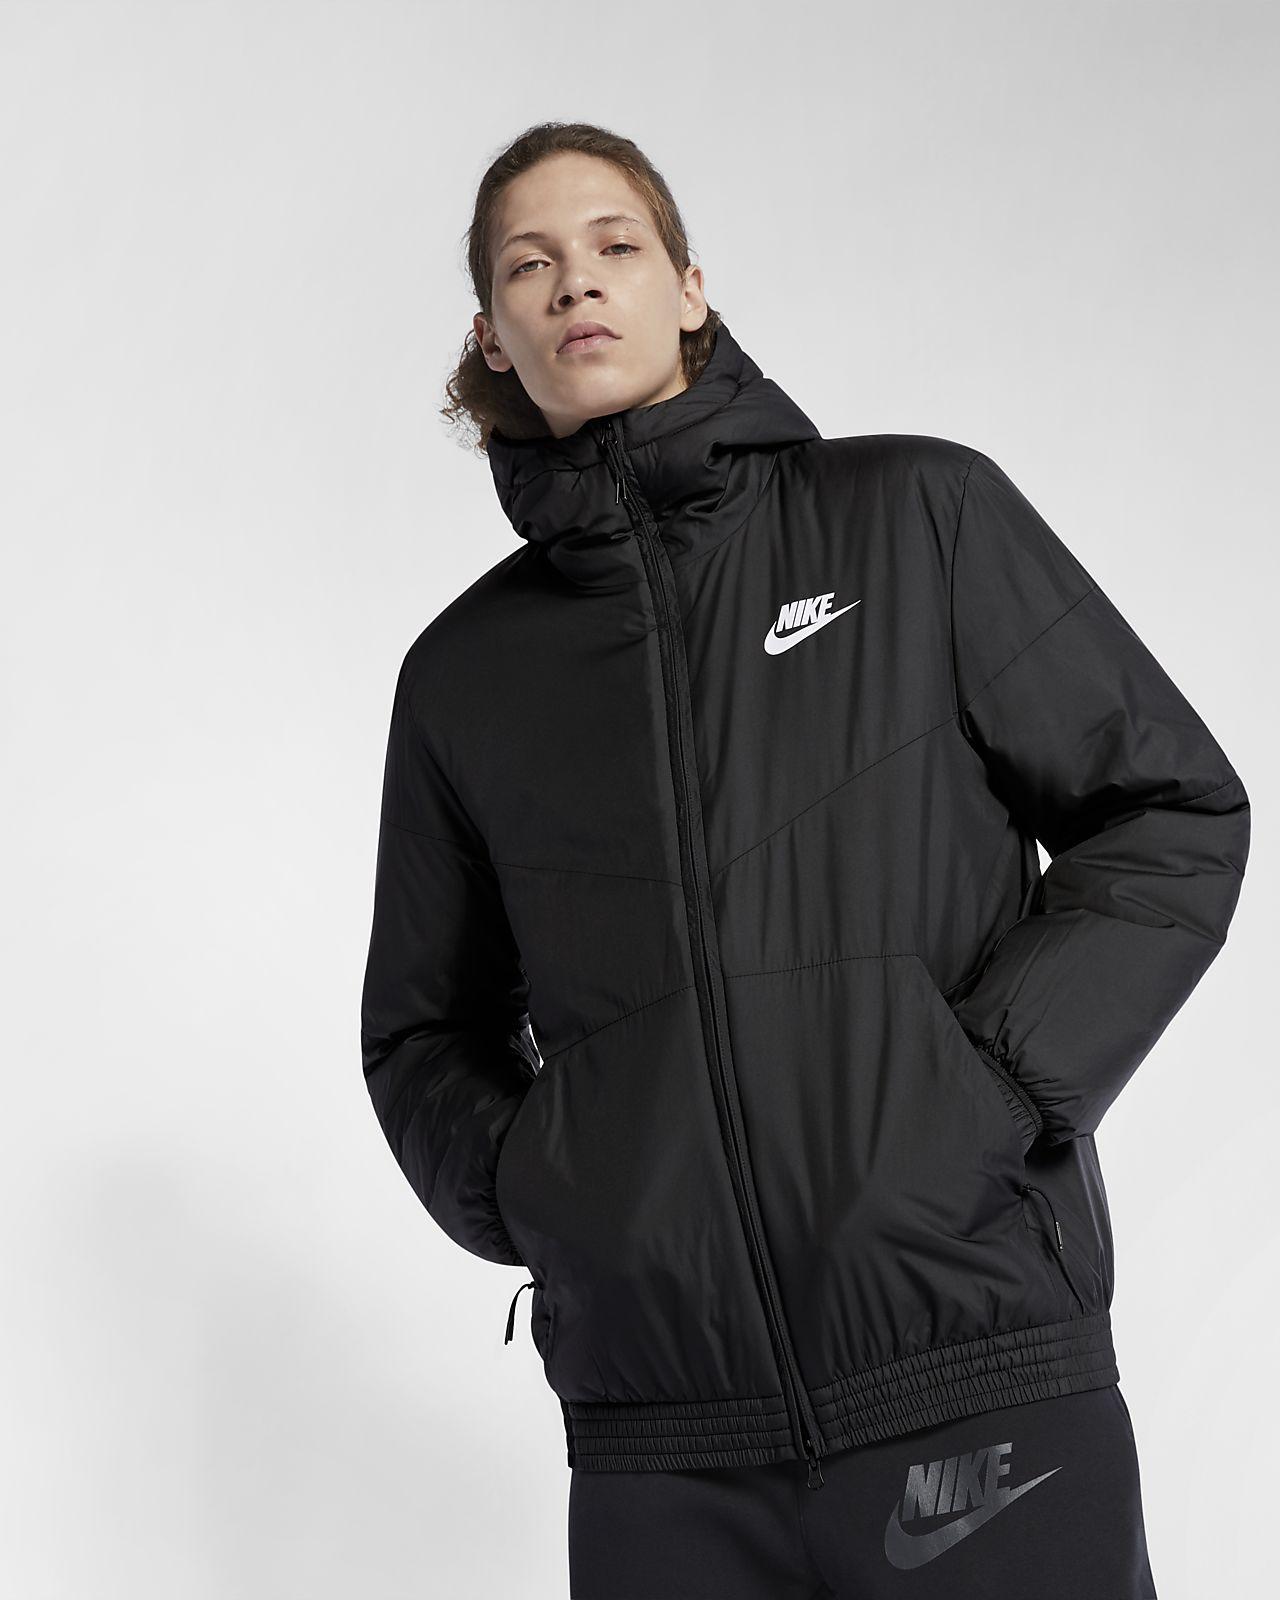 52312130898 Nike Sportswear-jakke med hætte og syntetisk fyld til mænd. Nike.com DK